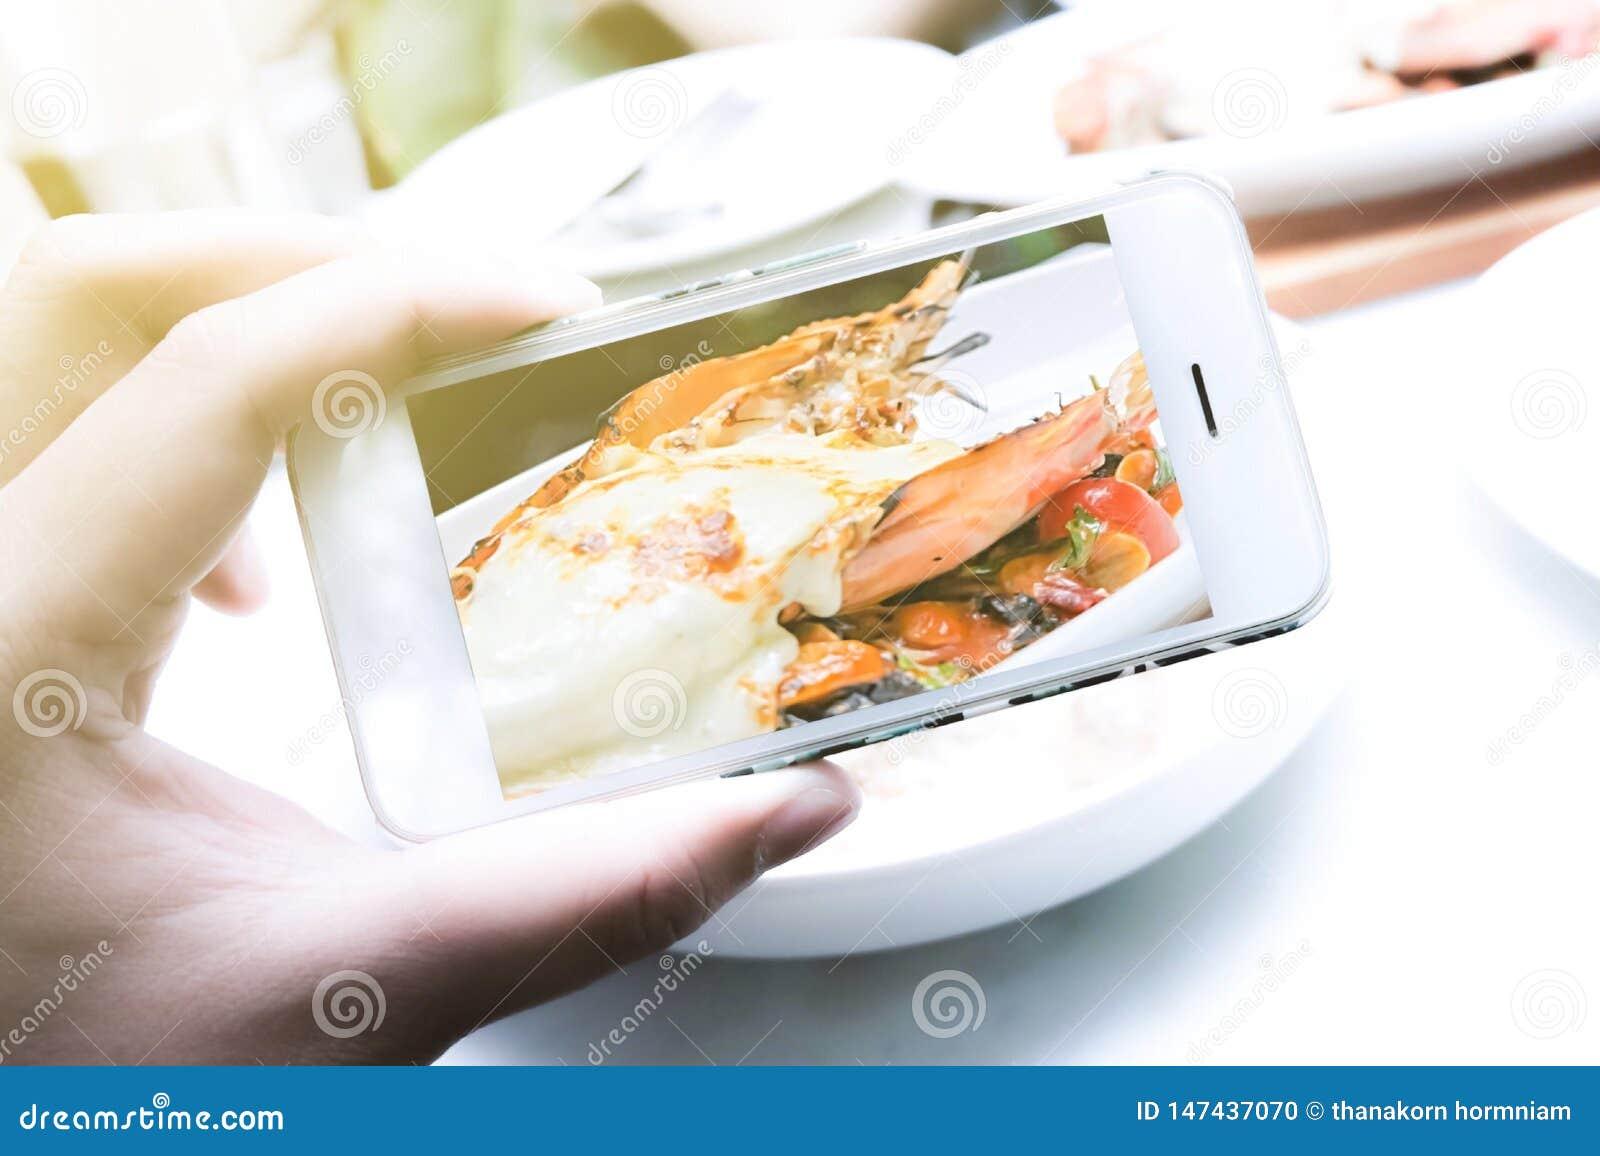 Τα κορίτσια χρησιμοποιούν smartphones, παίρνουν τις εικόνες των τροφίμων στα εστιατόρια